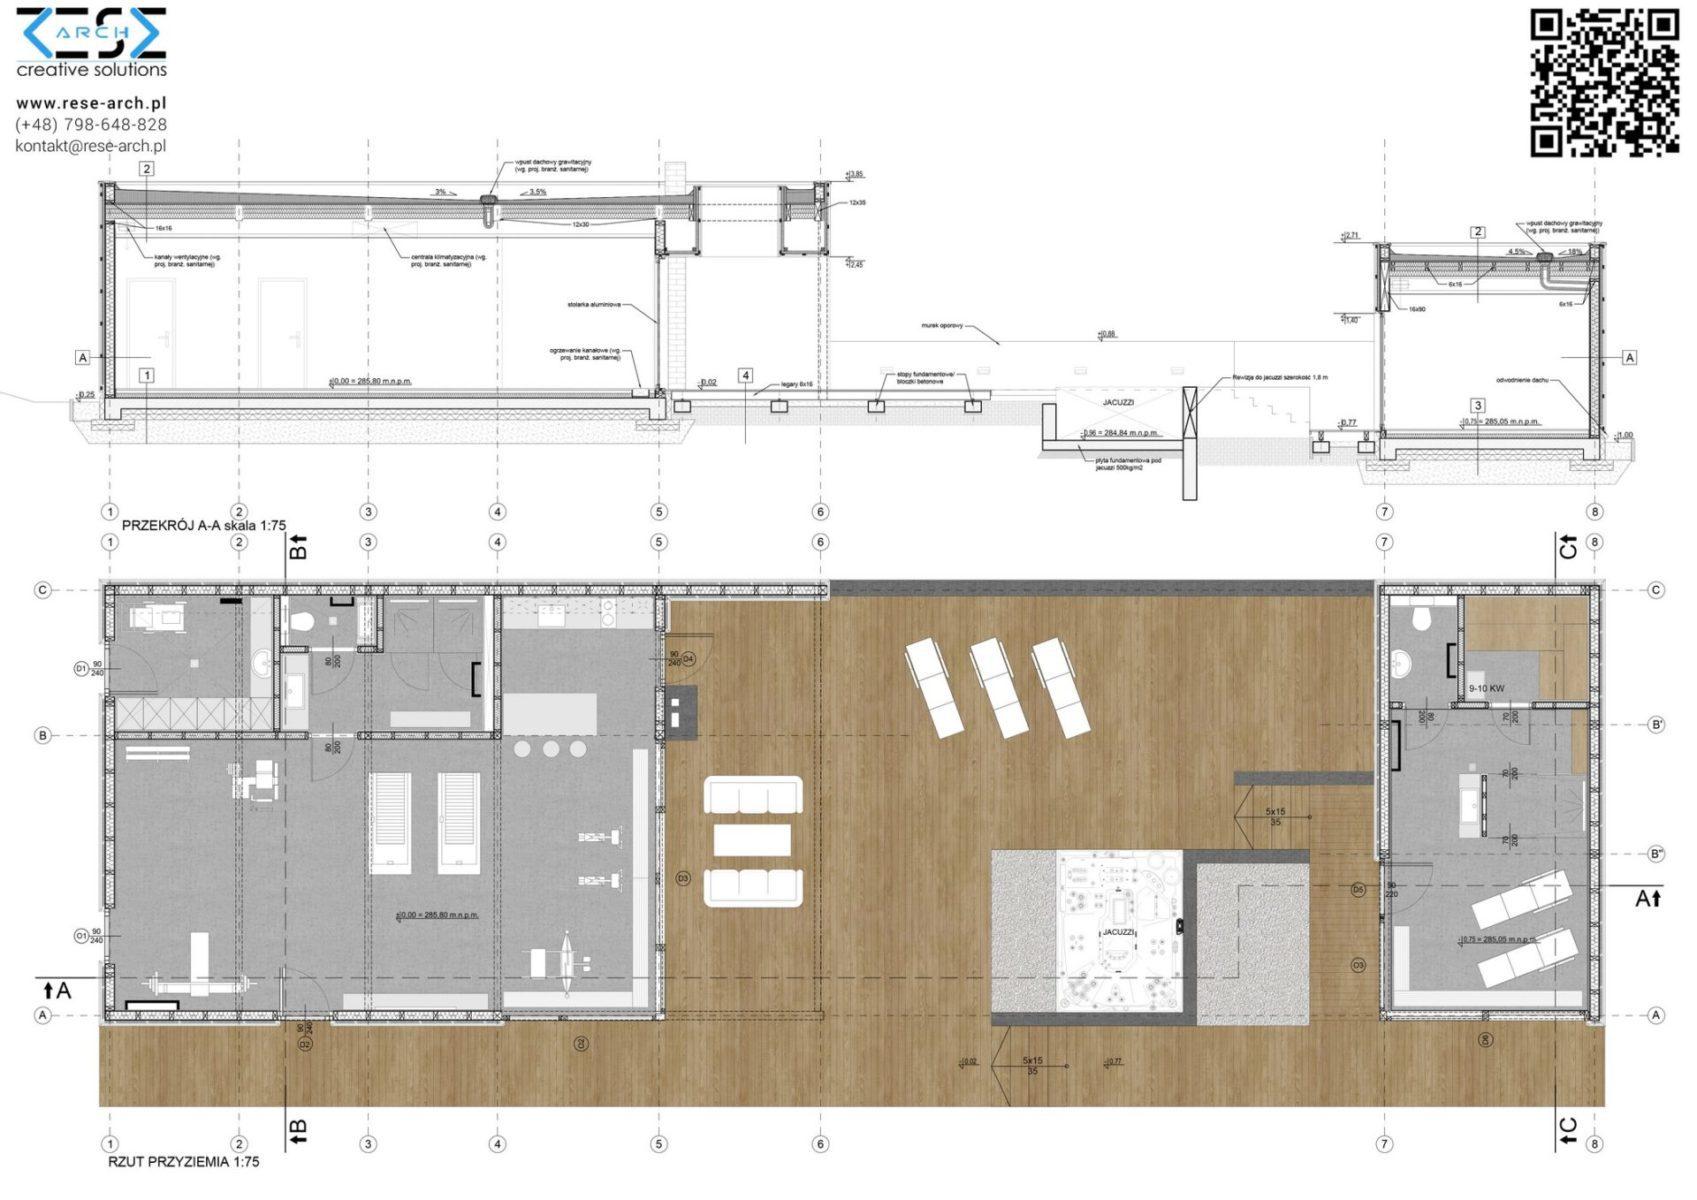 projekt architektoniczny budowlany siłowni i sauny w katowicach